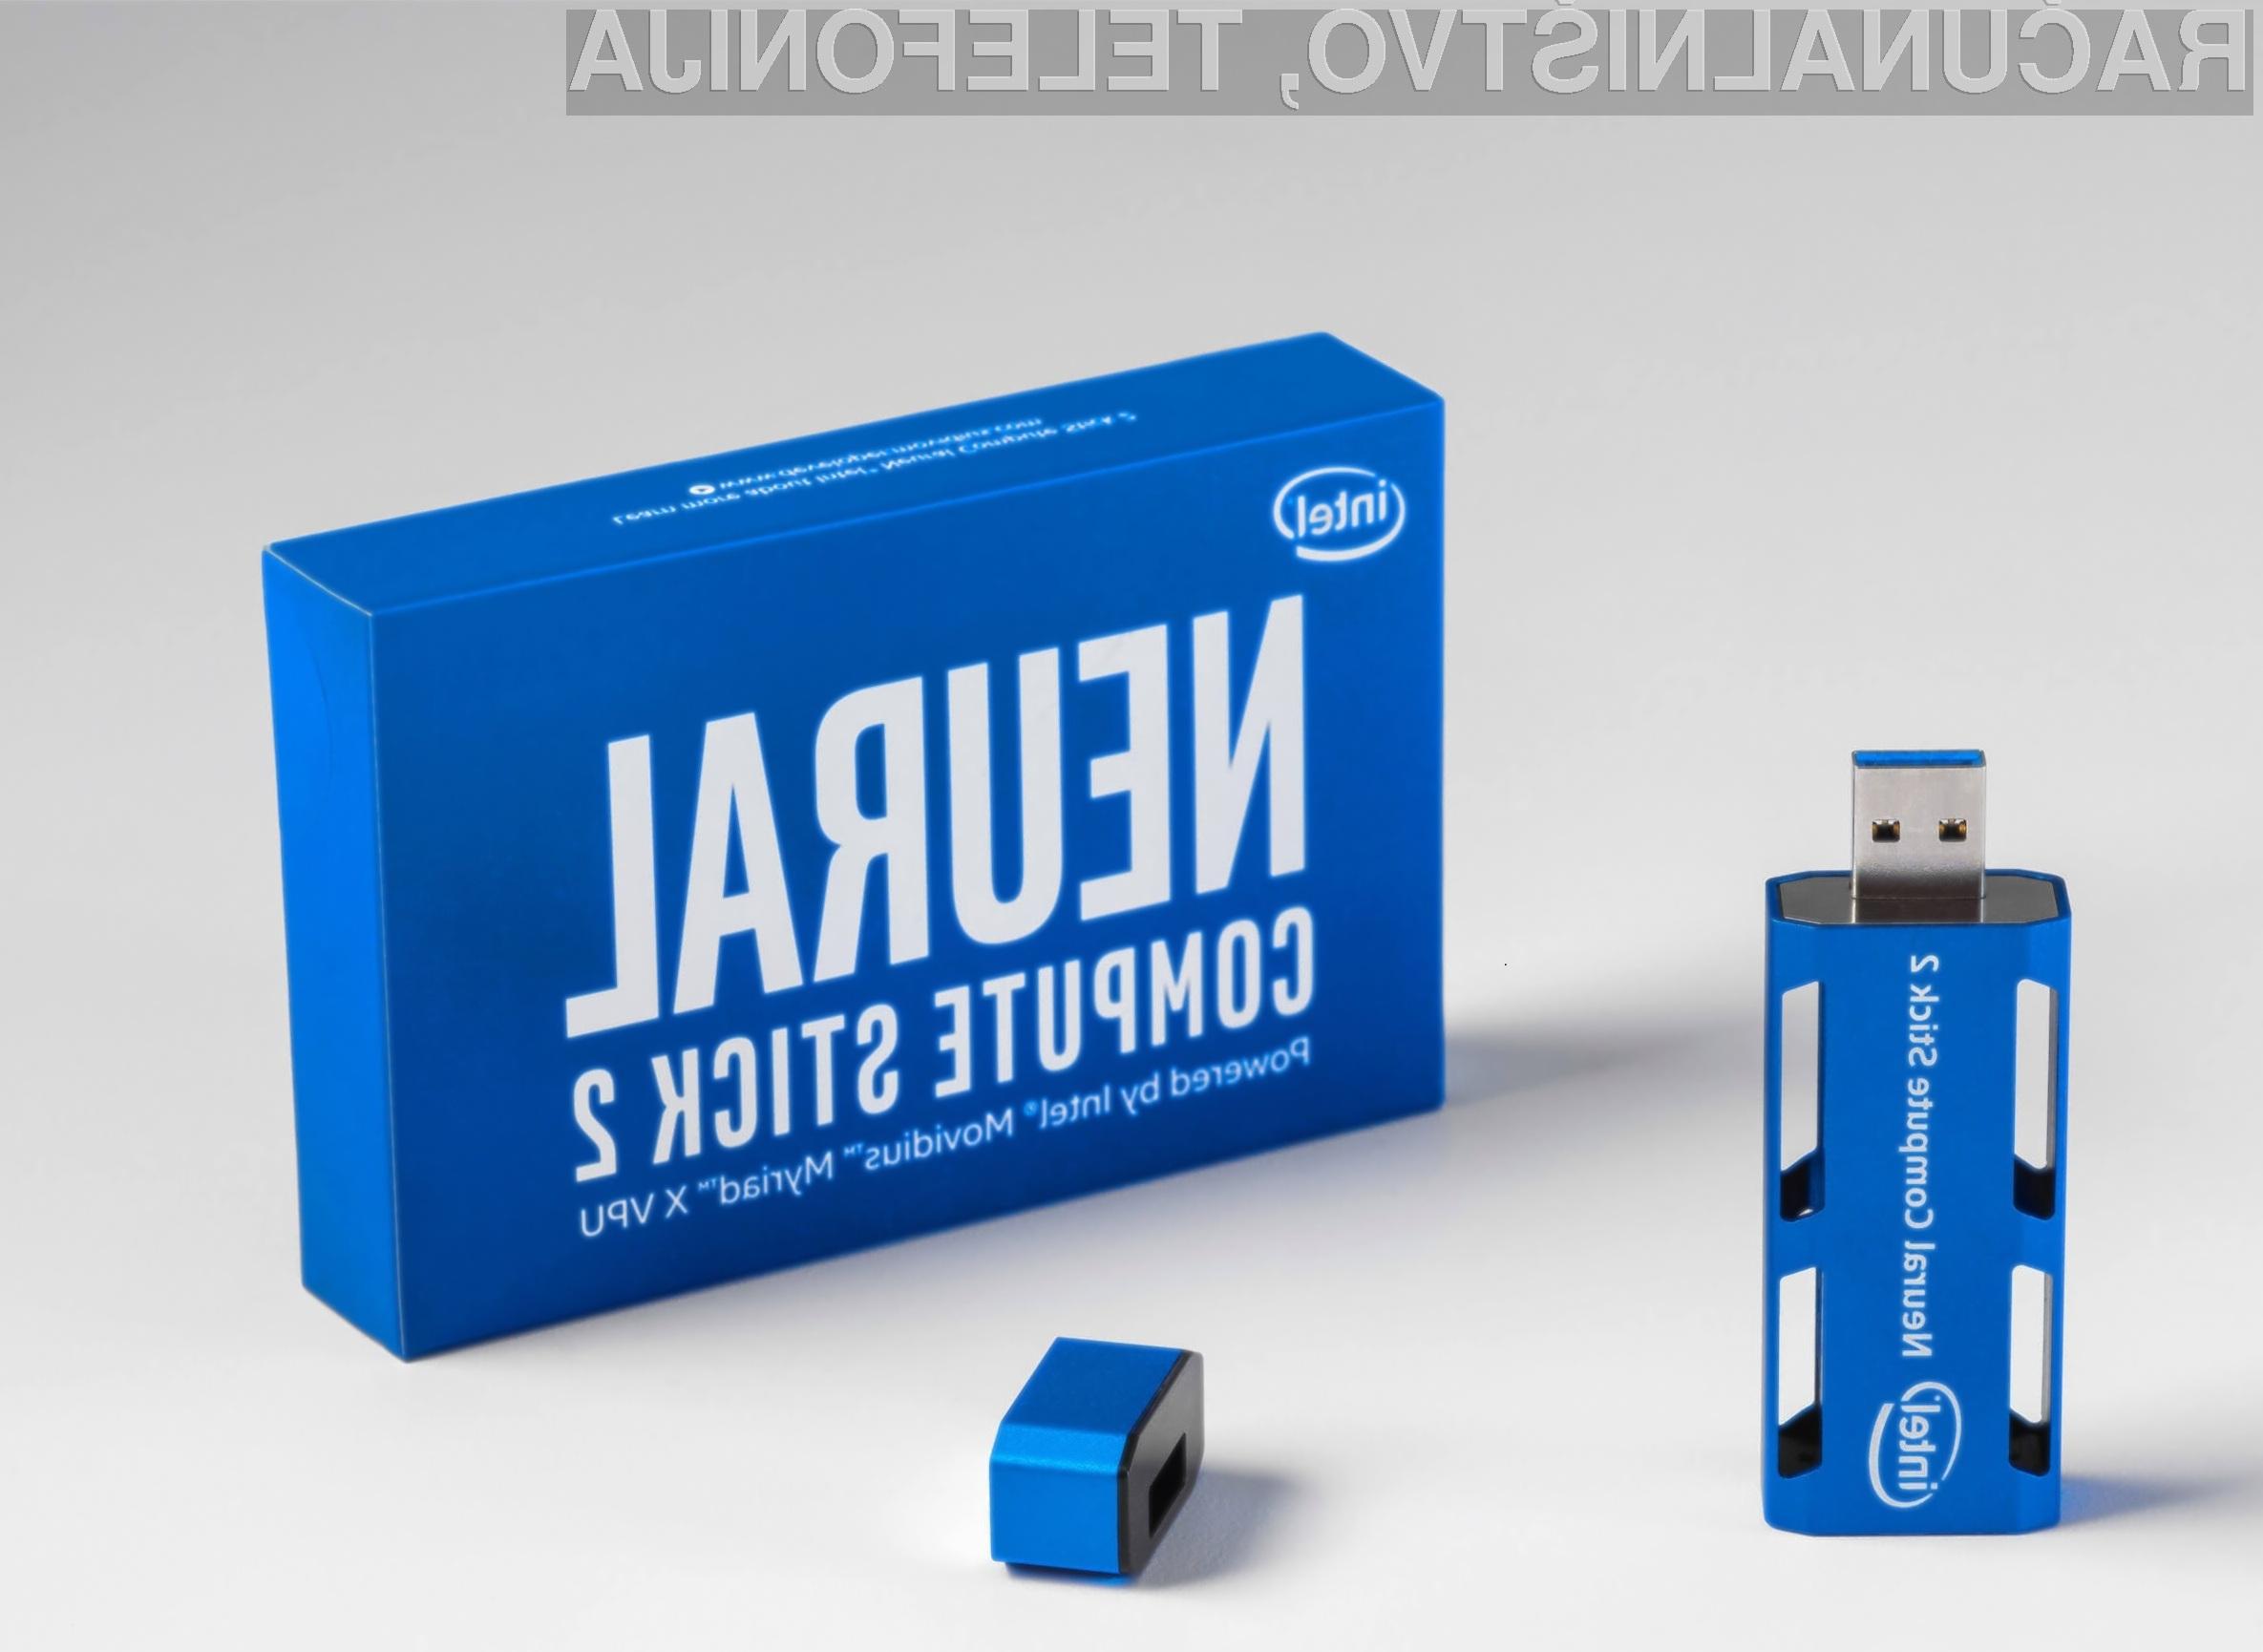 Ključek Intel Neural Compute Stick 2 ponuja izjemno računsko moč ob neznatni porabi električne energije.